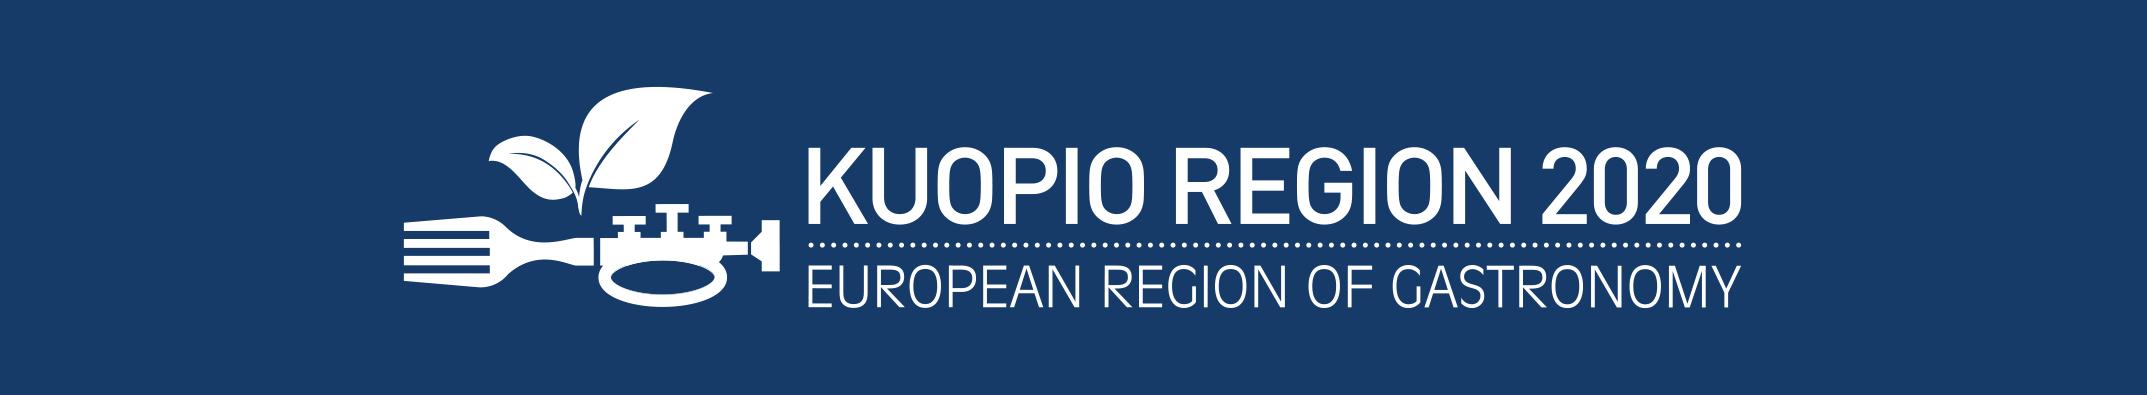 Kuopio Region 2020